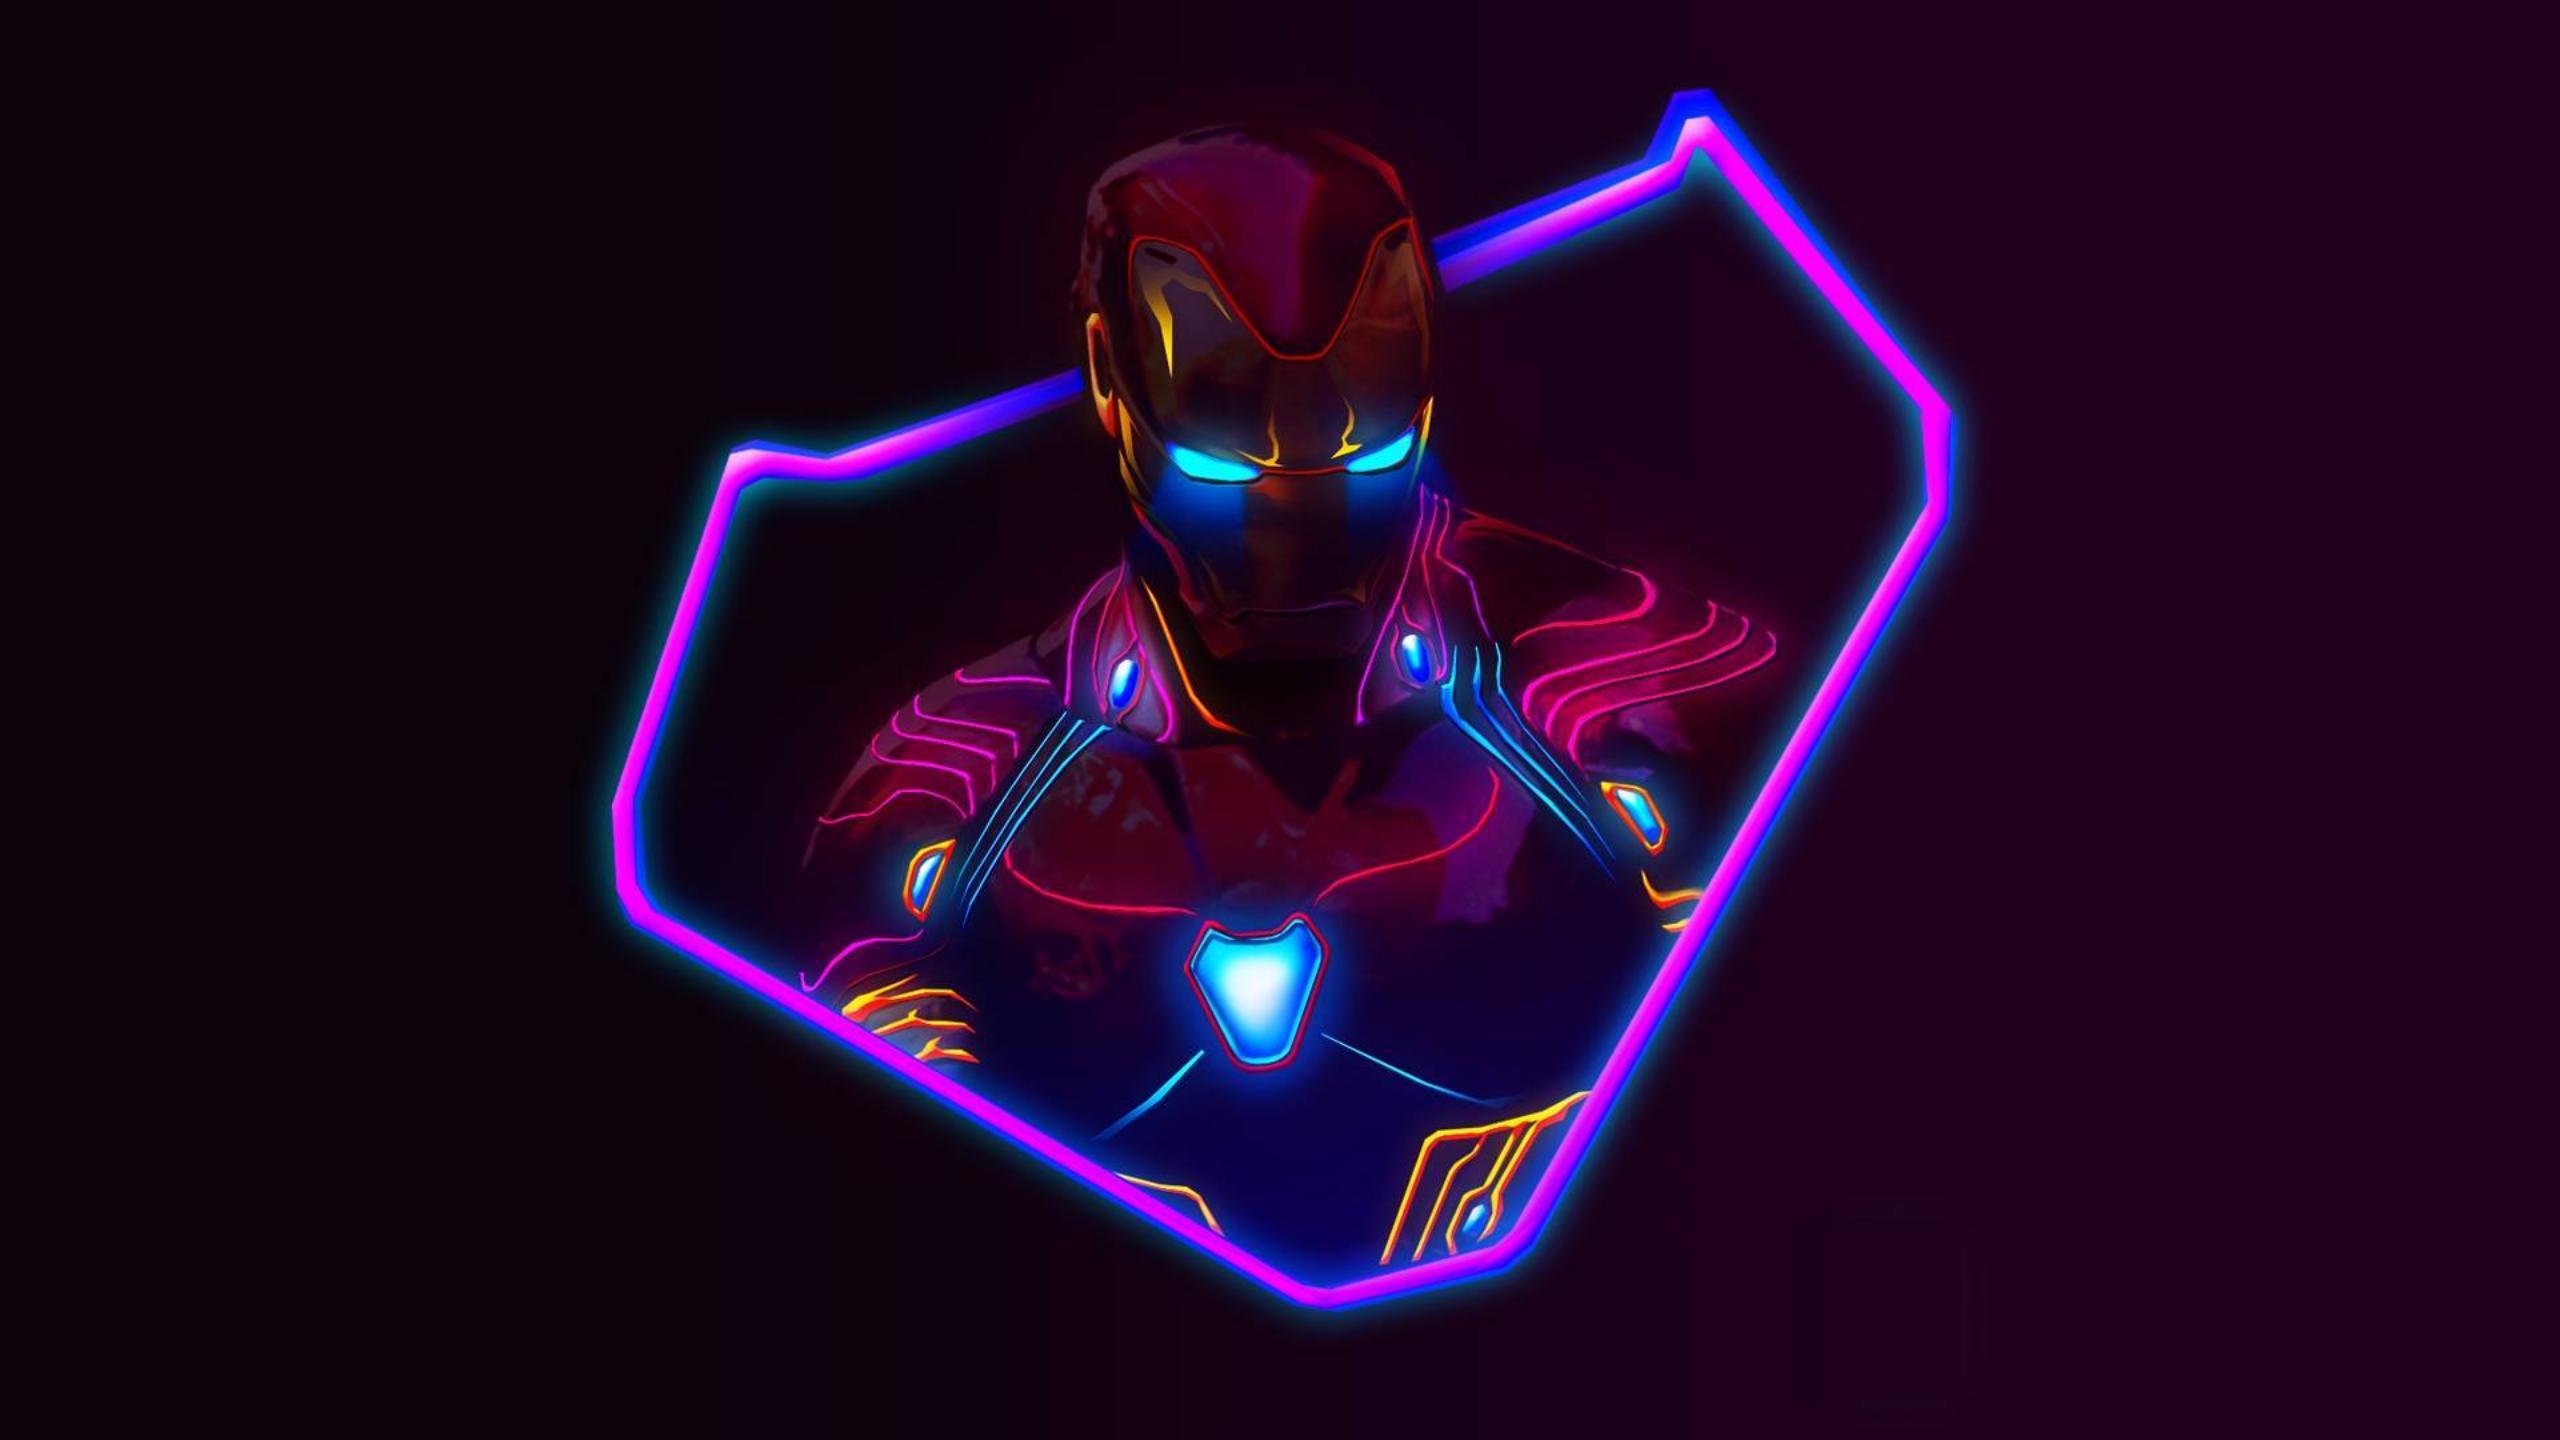 Marvels 2018 Neon Marvels Pinterest Avengers Wallpaper